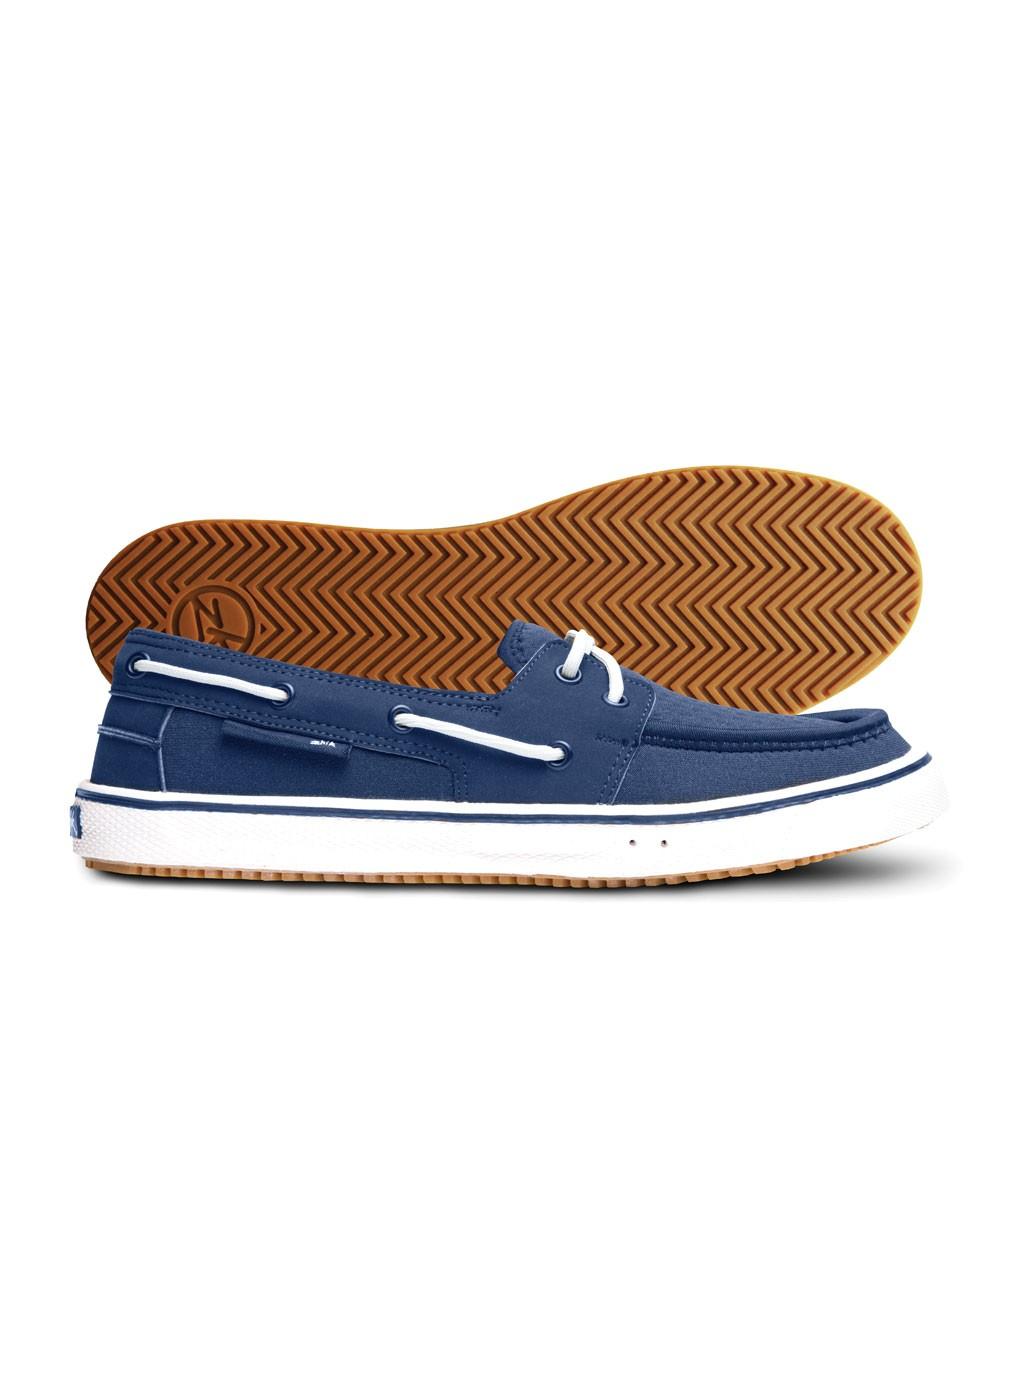 ZK Boat Shoe